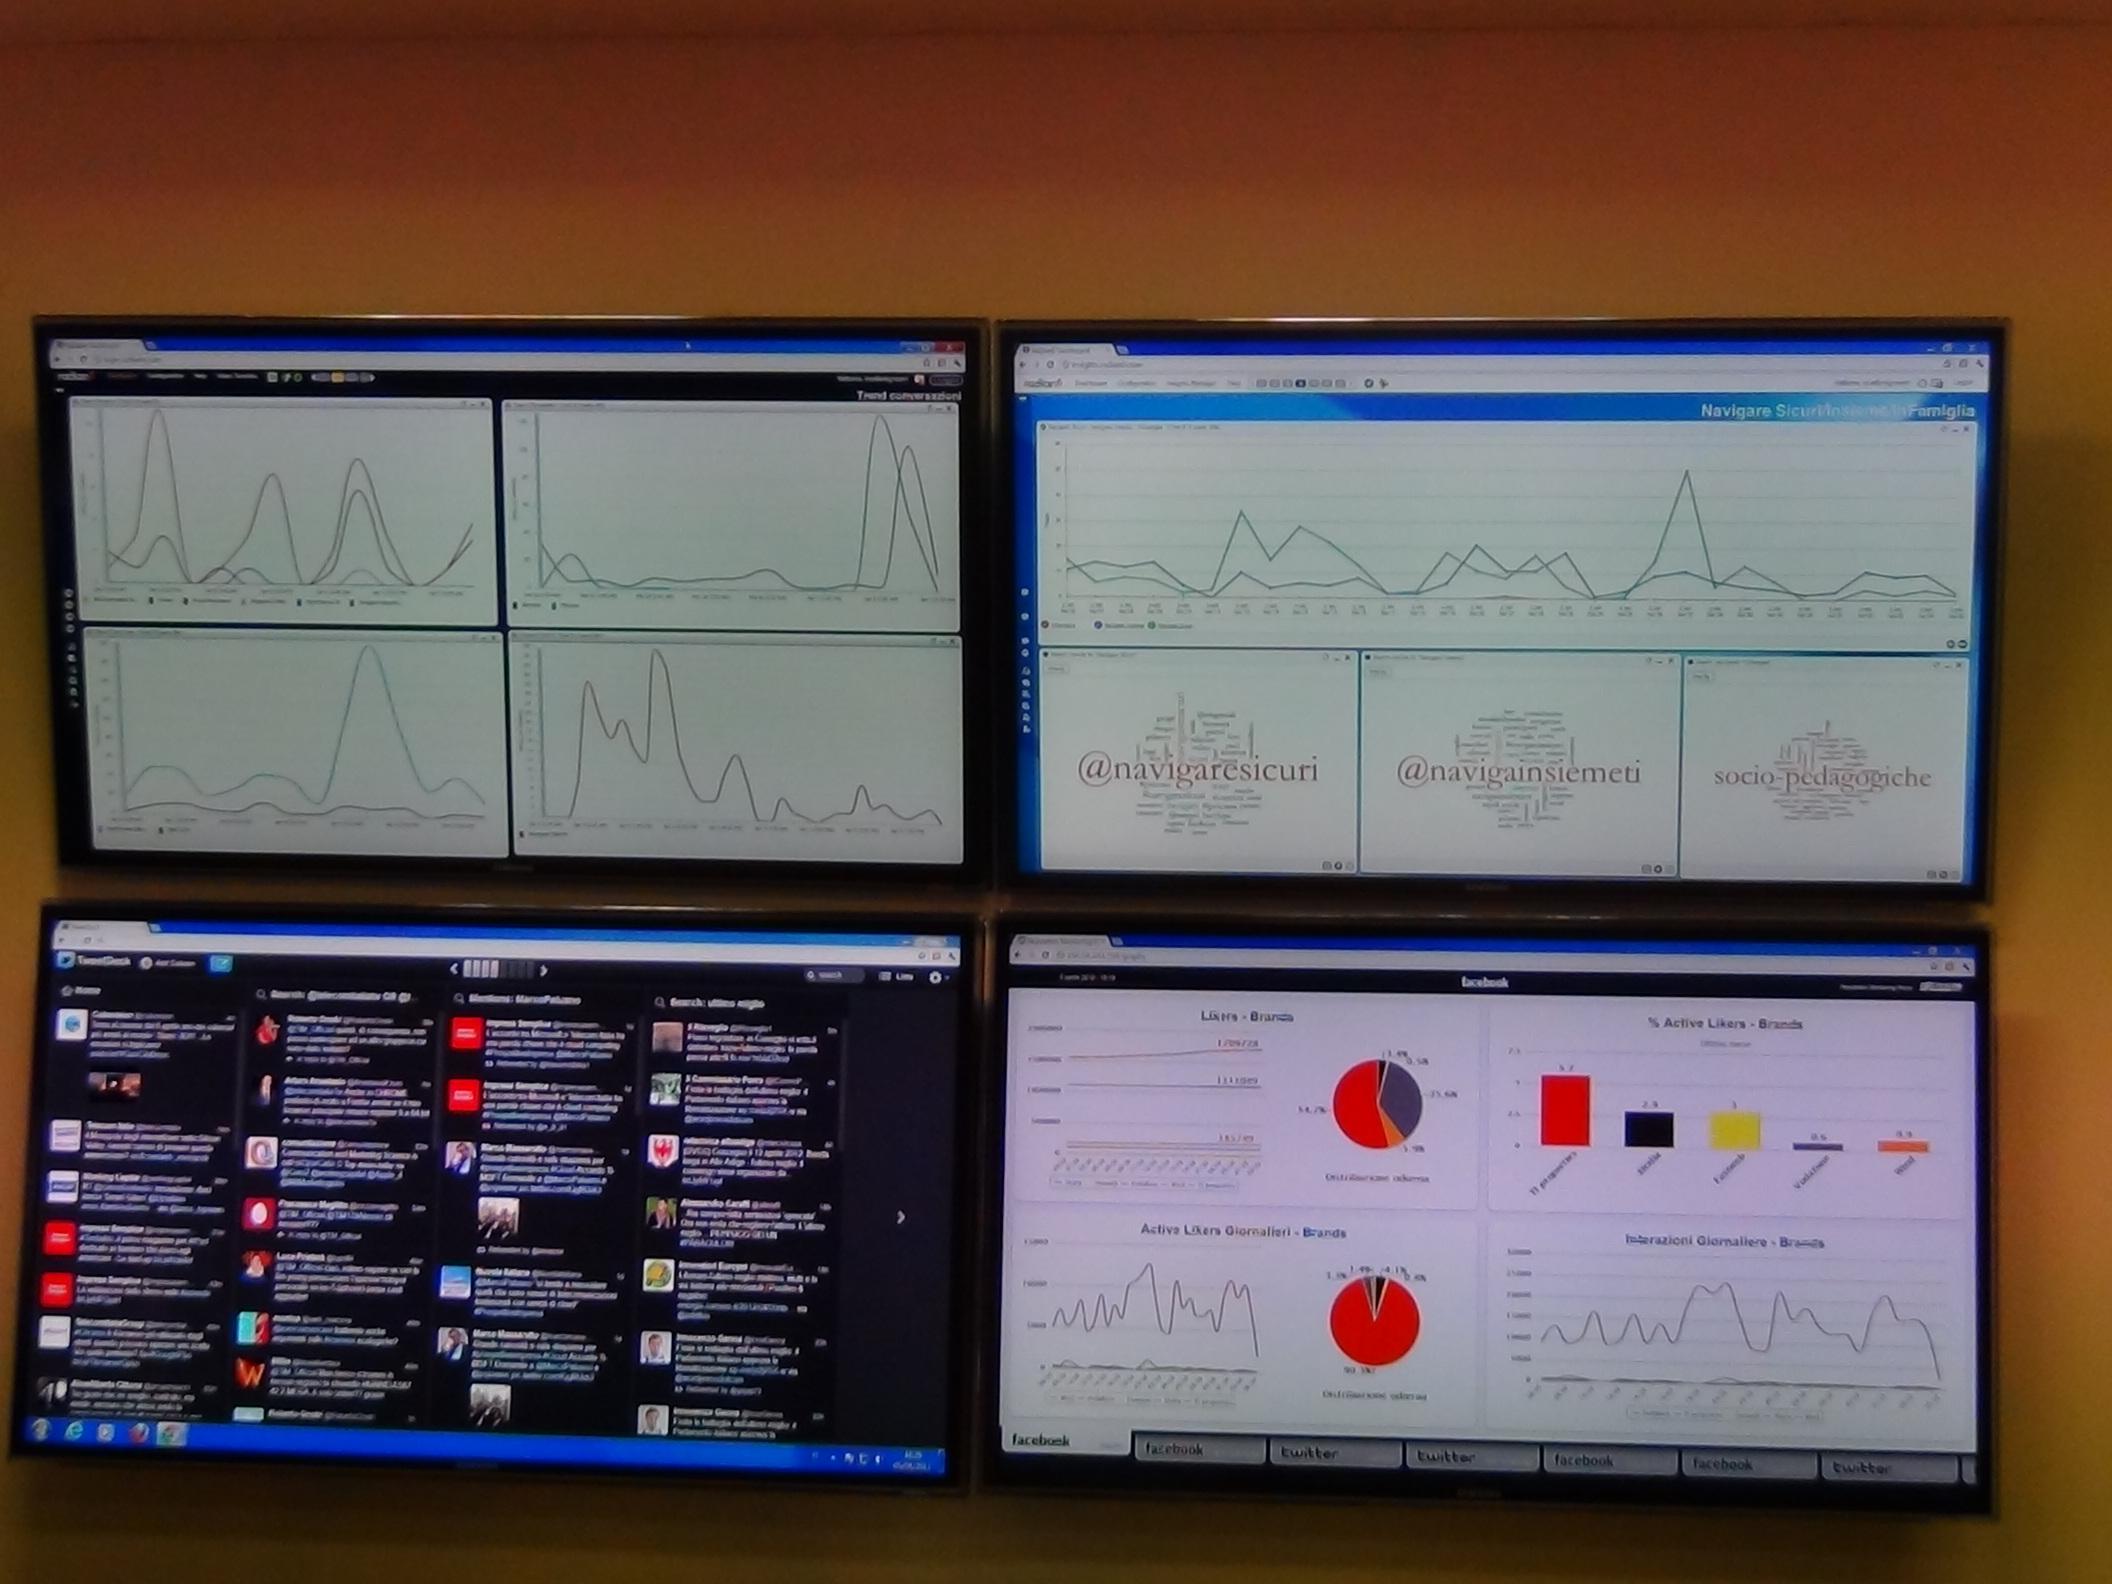 La Reputation Monitoring Room di Telecom Italia